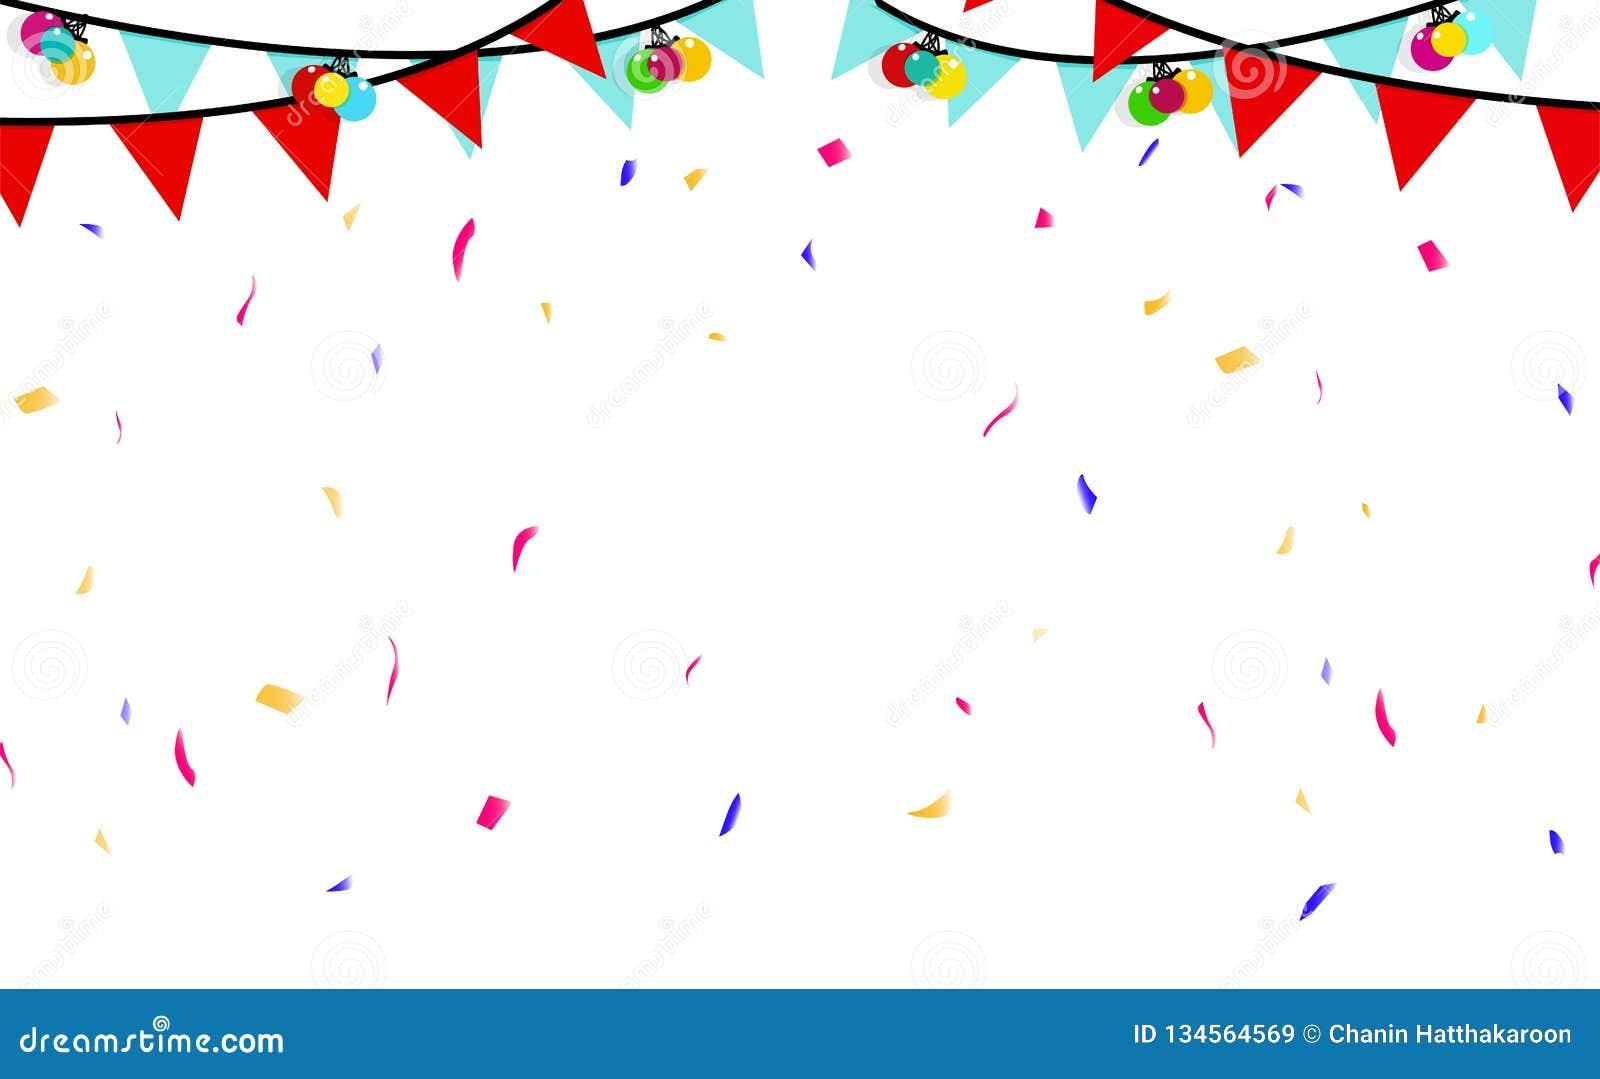 Картинки с конфетти и флажками, поздравление марта